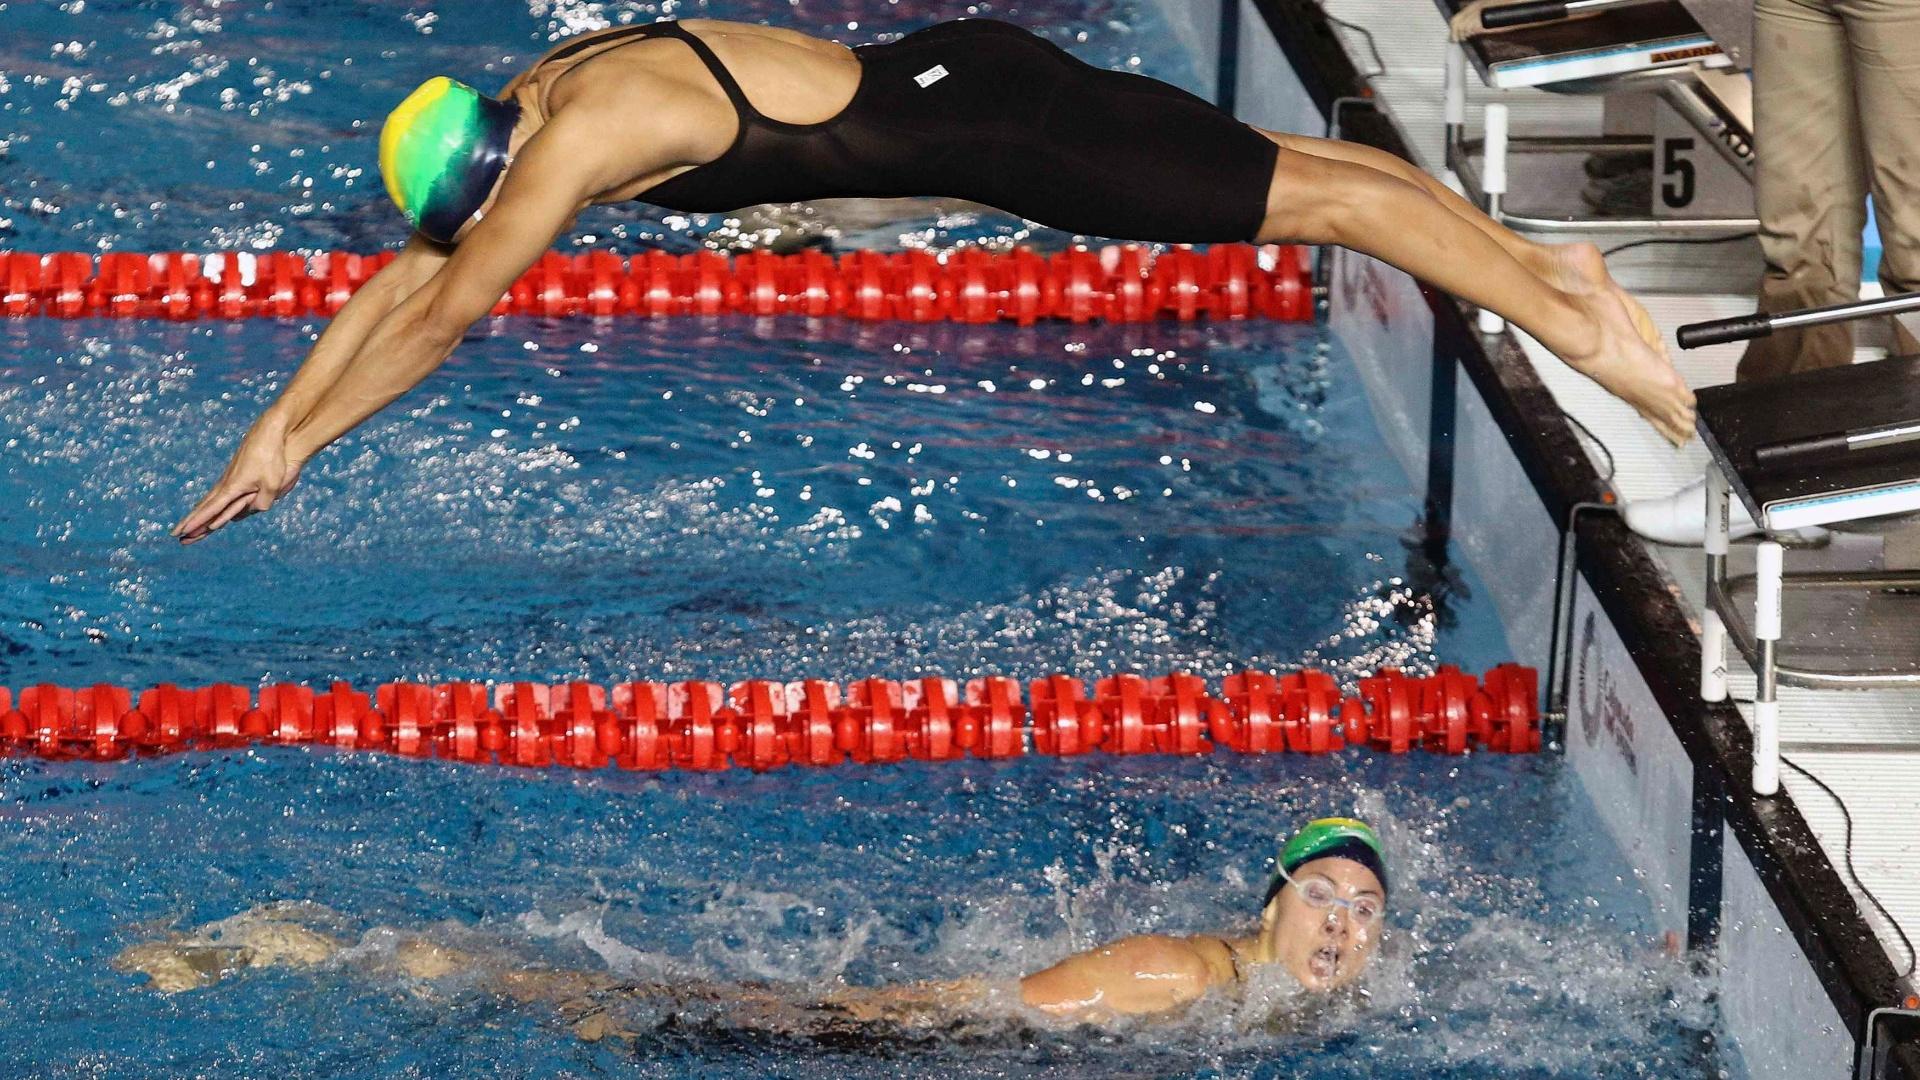 Tatiana Lemos se prepara para entrar na água após Flávia Delaroli terminar sua participação no revezamento 4x100m. O Brasil passou à final na segunda colocação